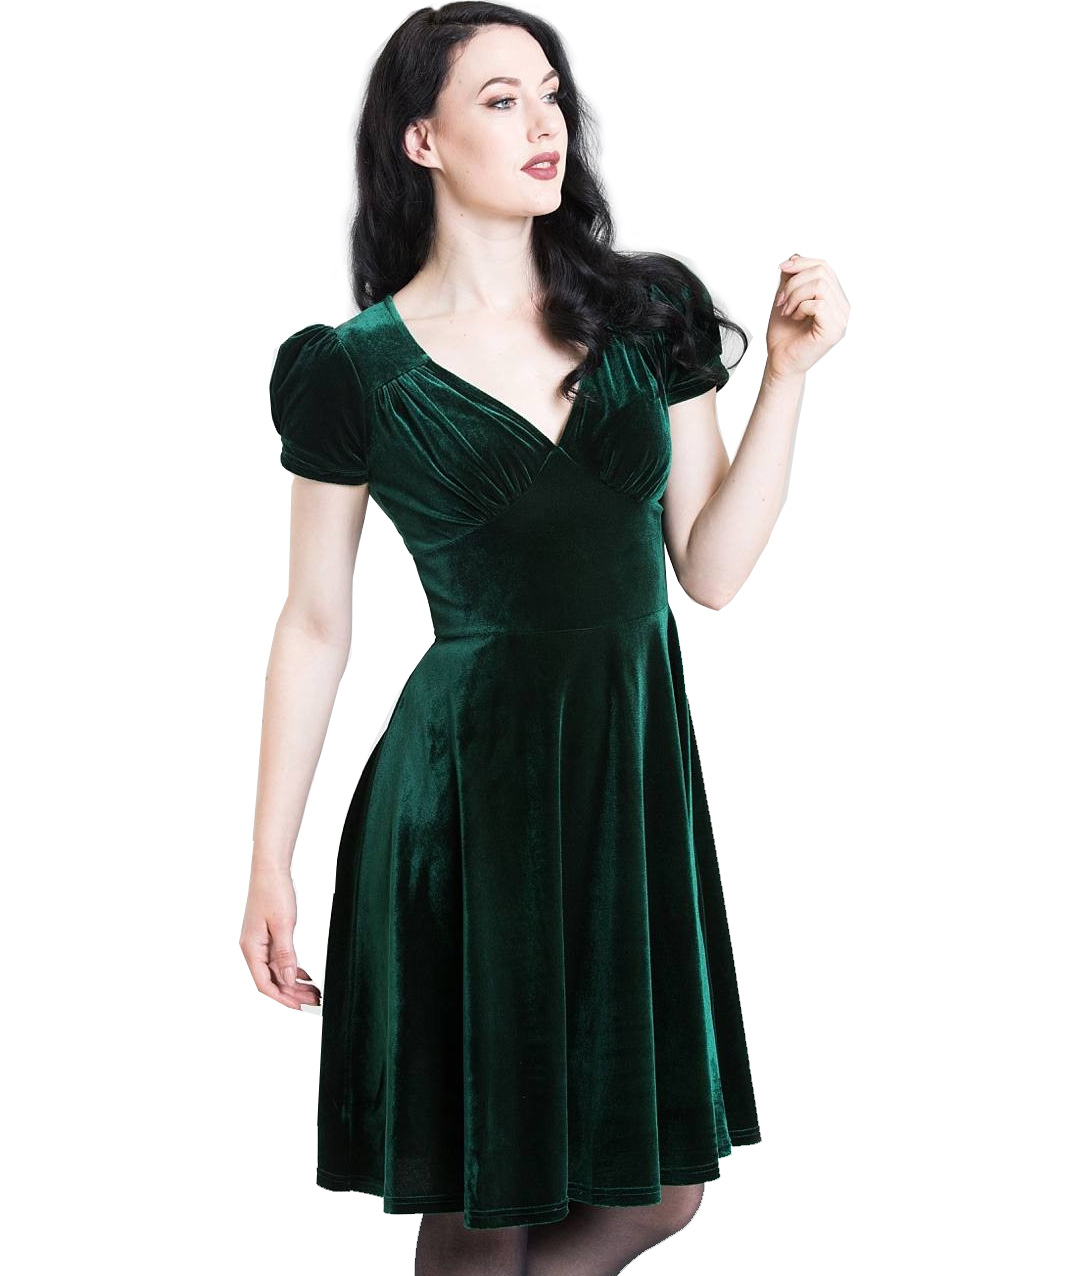 Hell-Bunny-40s-50s-Elegant-Pin-Up-Dress-JOANNE-Crushed-Velvet-Green-All-Sizes thumbnail 9